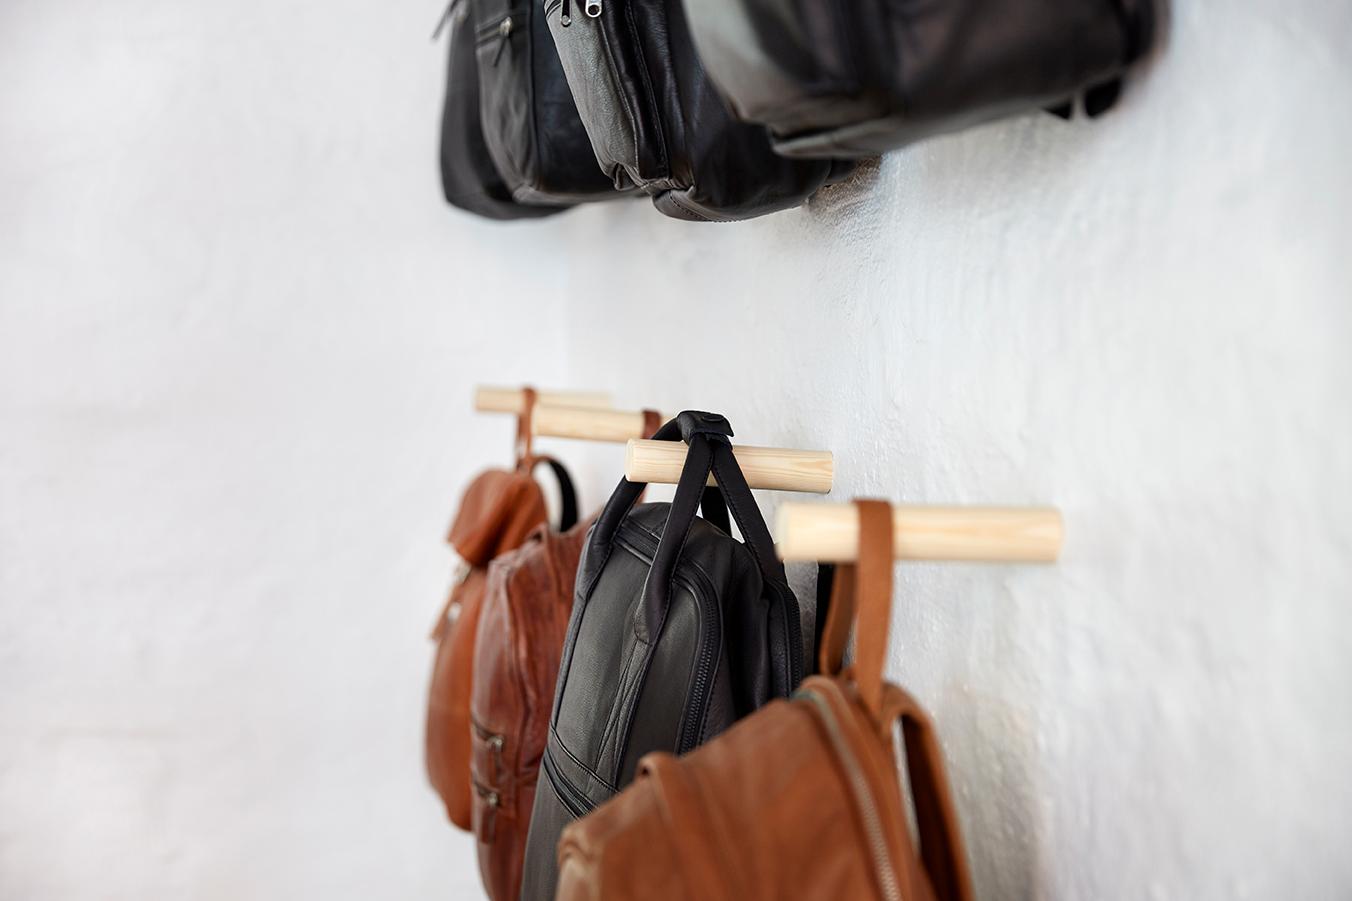 Rygsække i læder til mænd og kvinder Flot stilrent dansk design i høj kvalitetslæder Tasker og rygsække arbejdstasker fra Birkmond til gode og fair priser Rygsække fra Birkmond i København og  Aarhus Taskeforretning og lædervarer